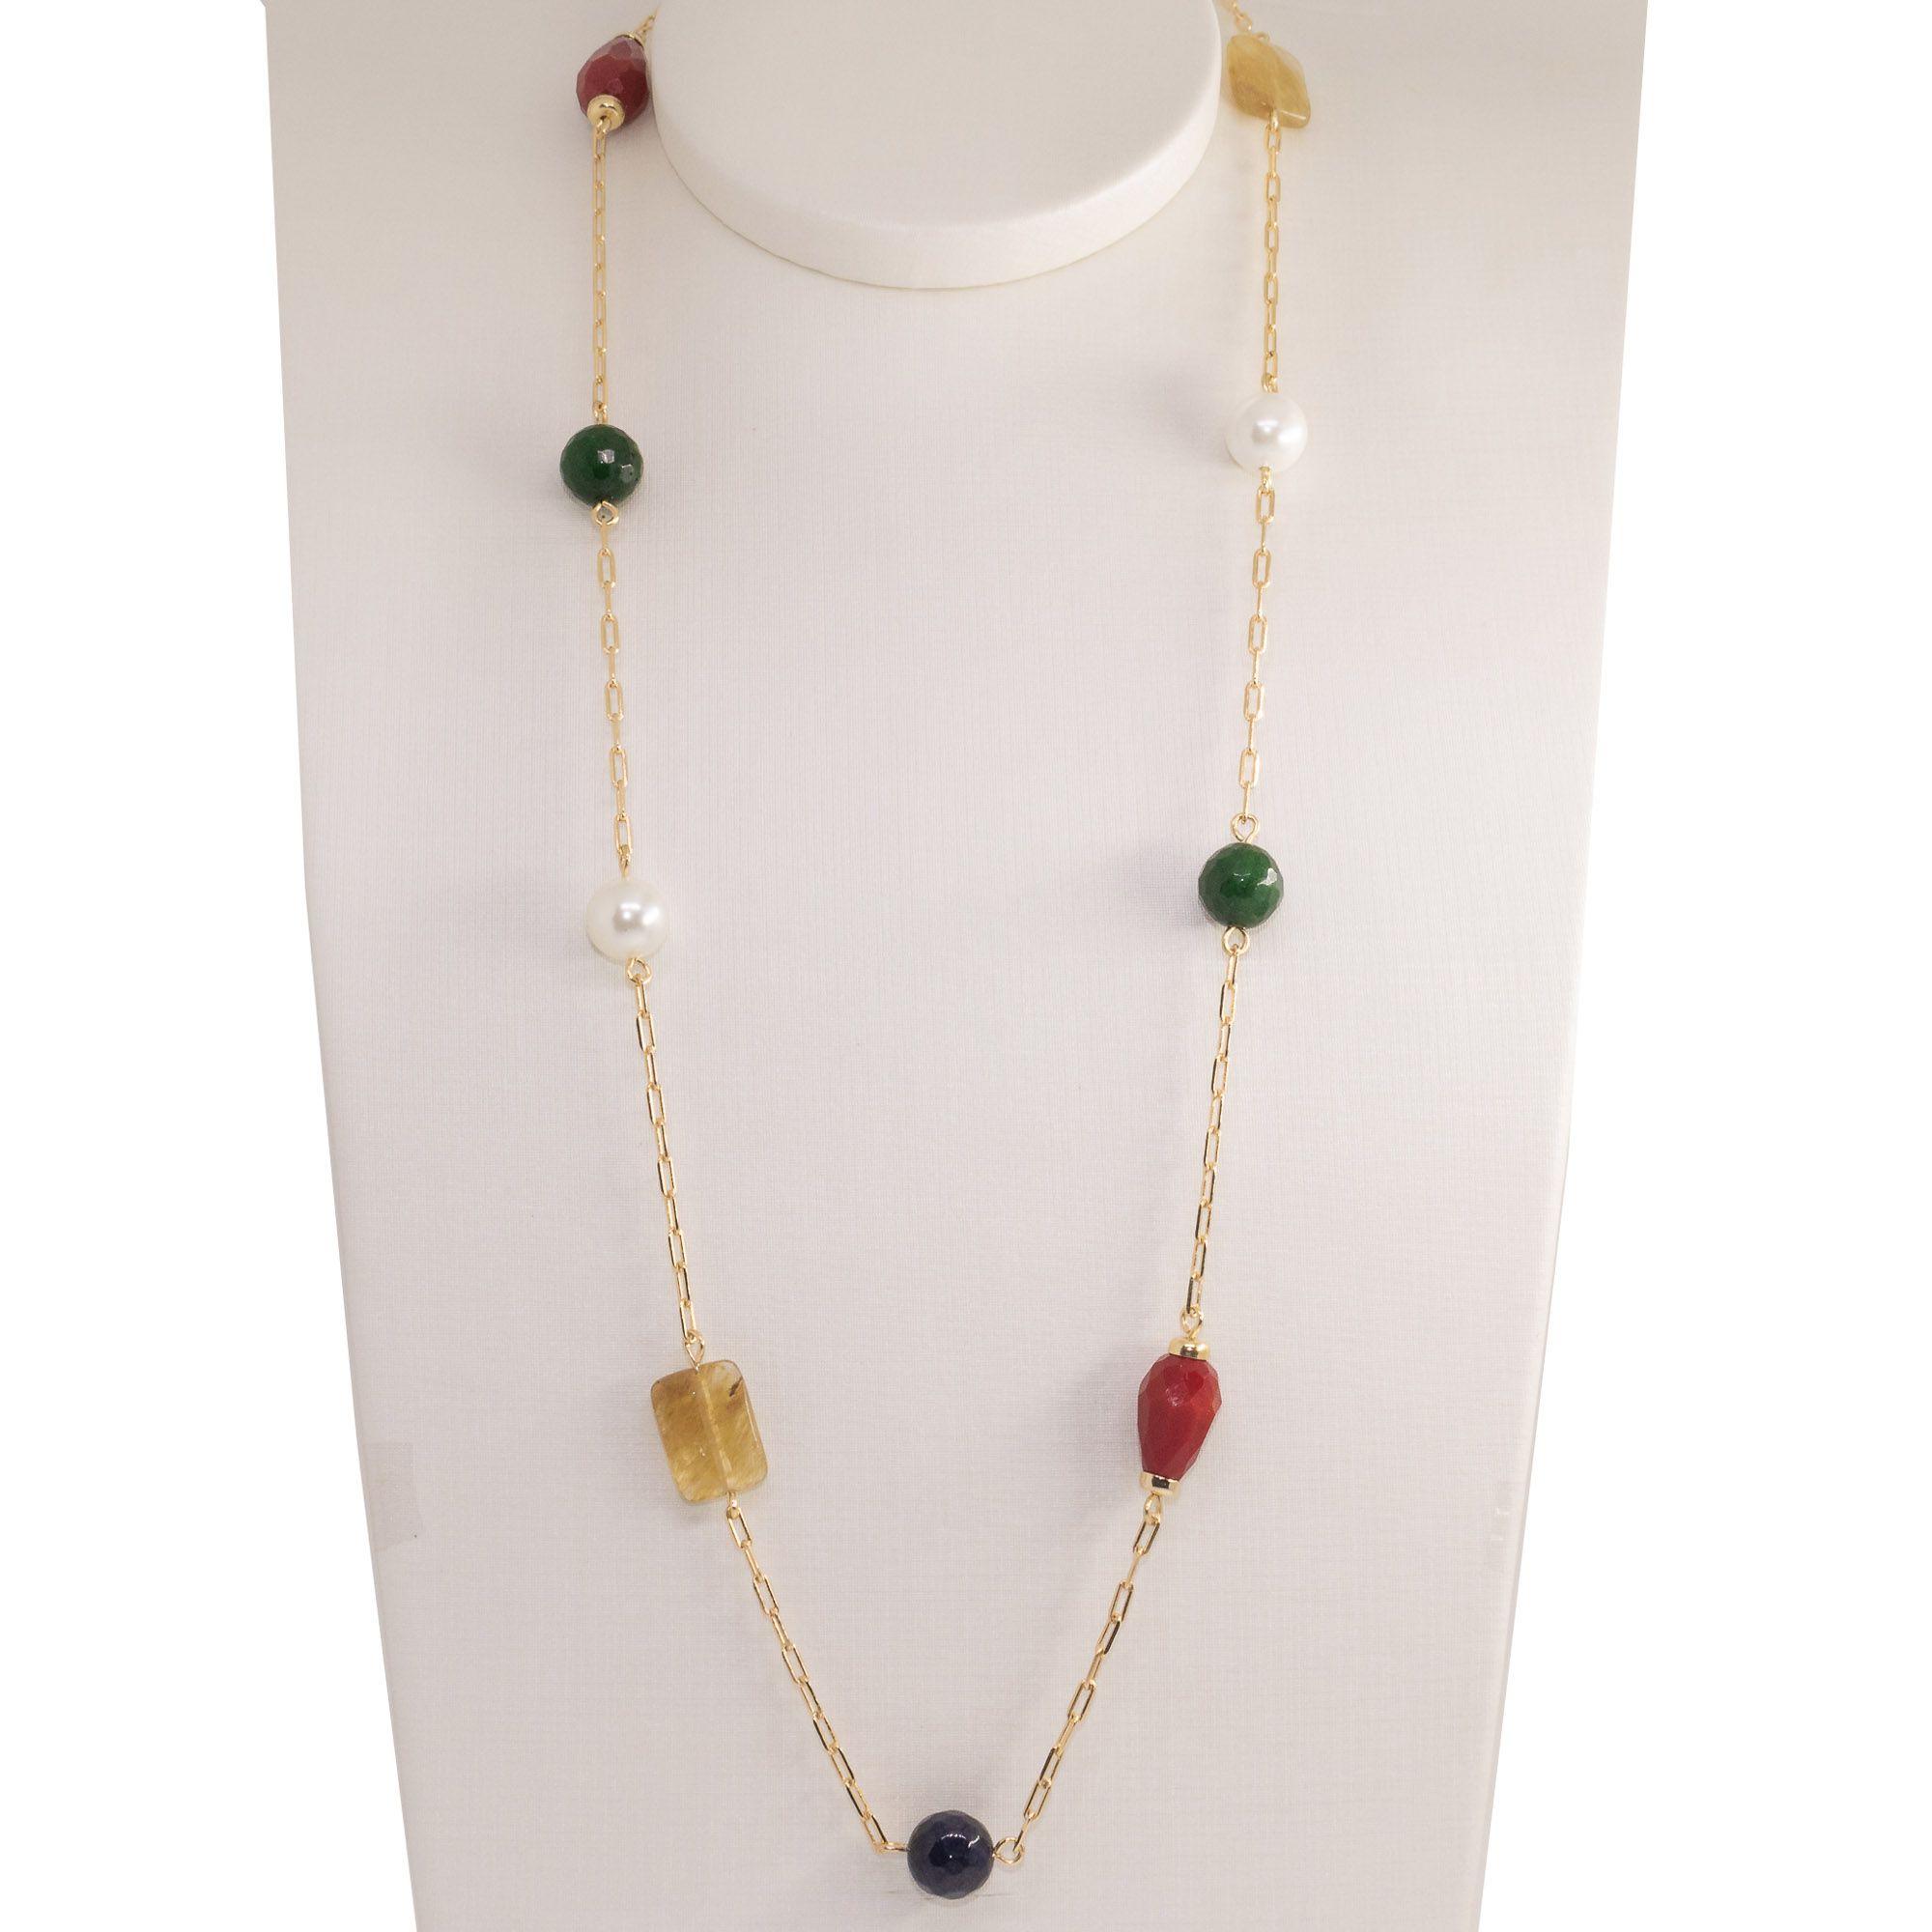 colar semi joia  longo com pedras naturais  Pastilhas banhado a ouro 18k ou rhodium